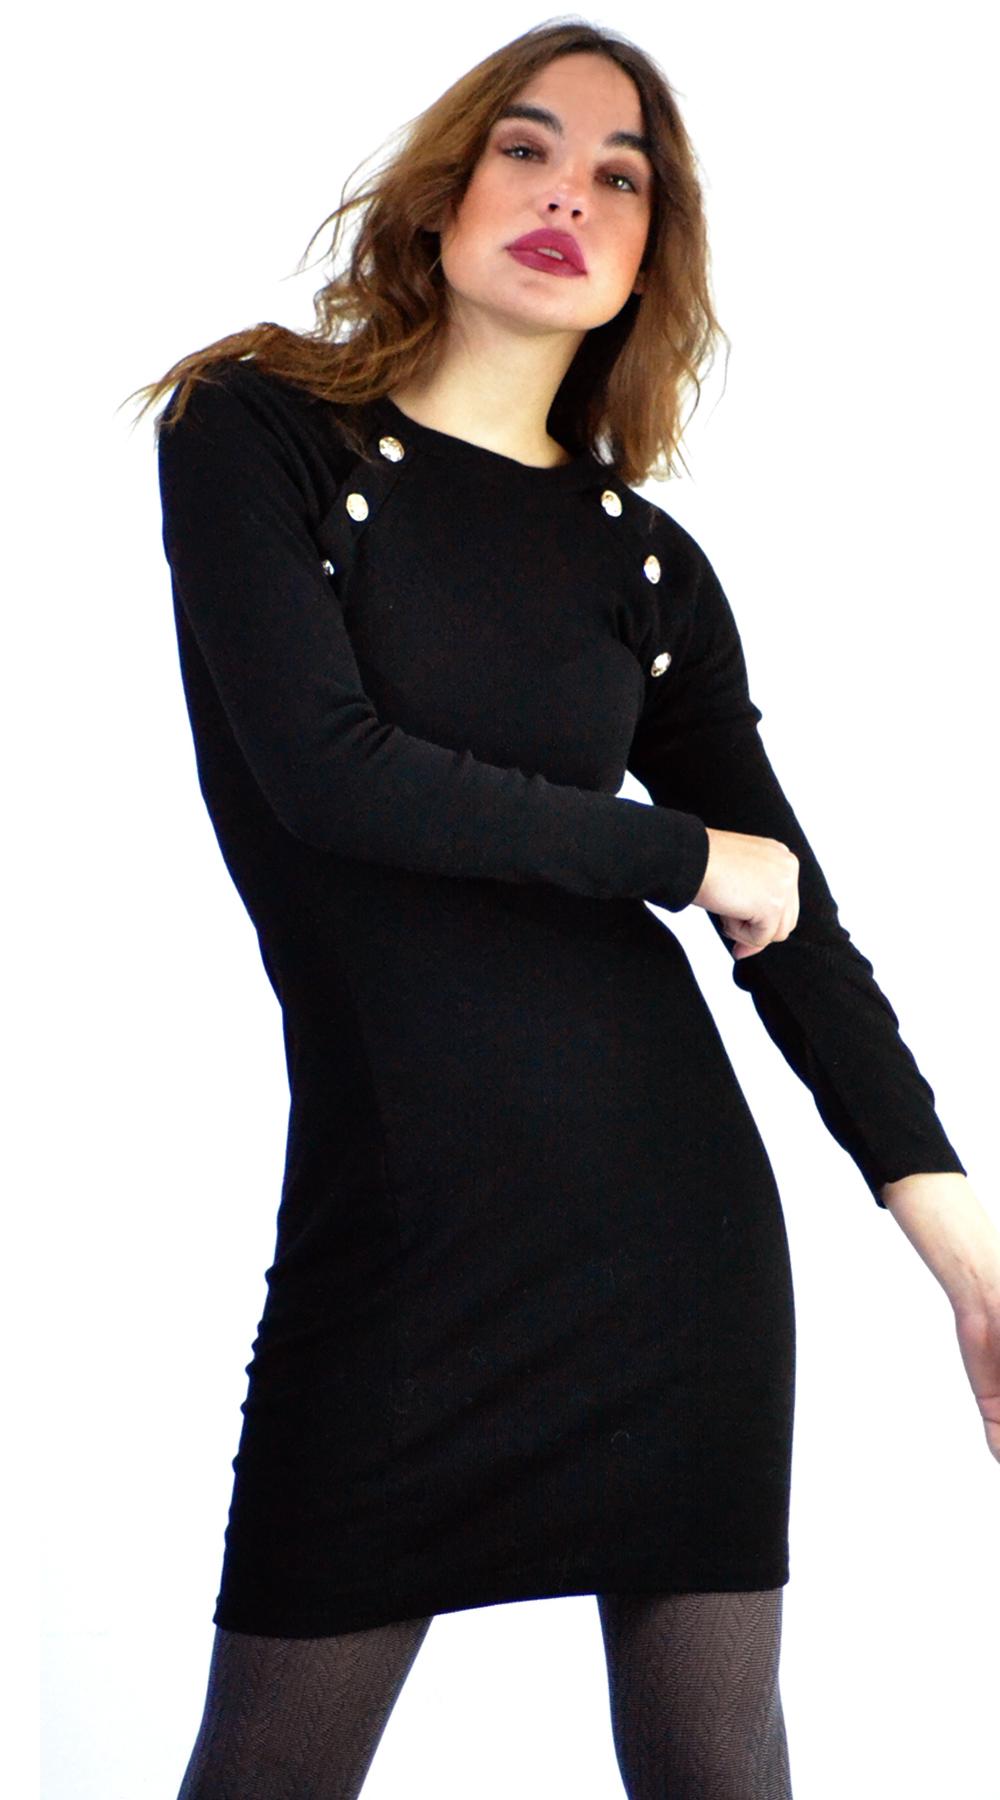 Μίνι φόρεμα ελαστικό rip με διακοσμητικά κουμπιά - OEM - W18SOF-510397773 φορέματα μίνι φορέματα